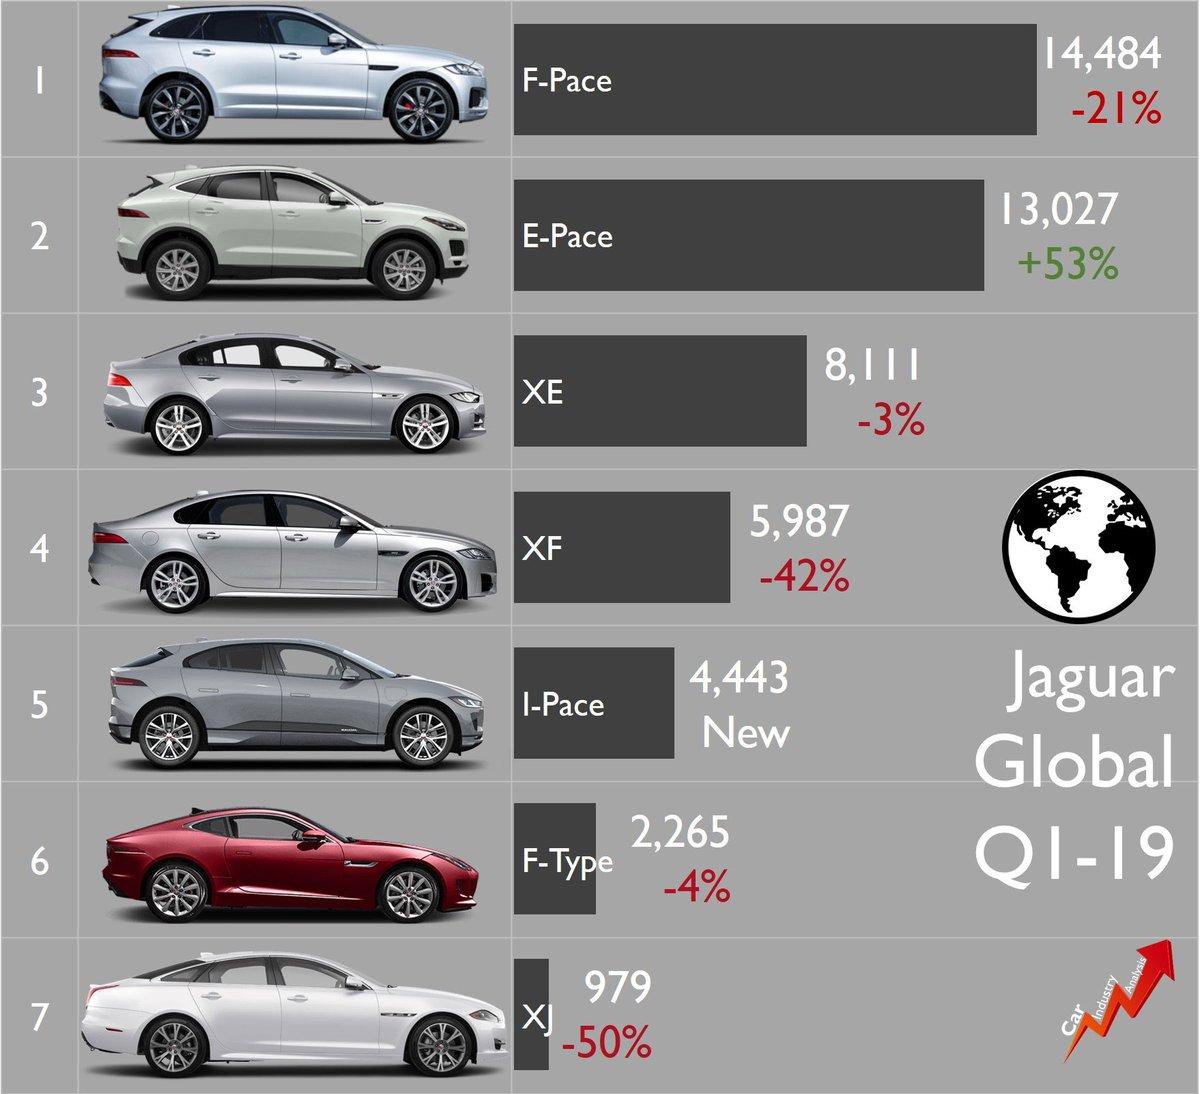 [Statistiques] Par ici les chiffres - Page 40 D33cPISWsAA_M4O